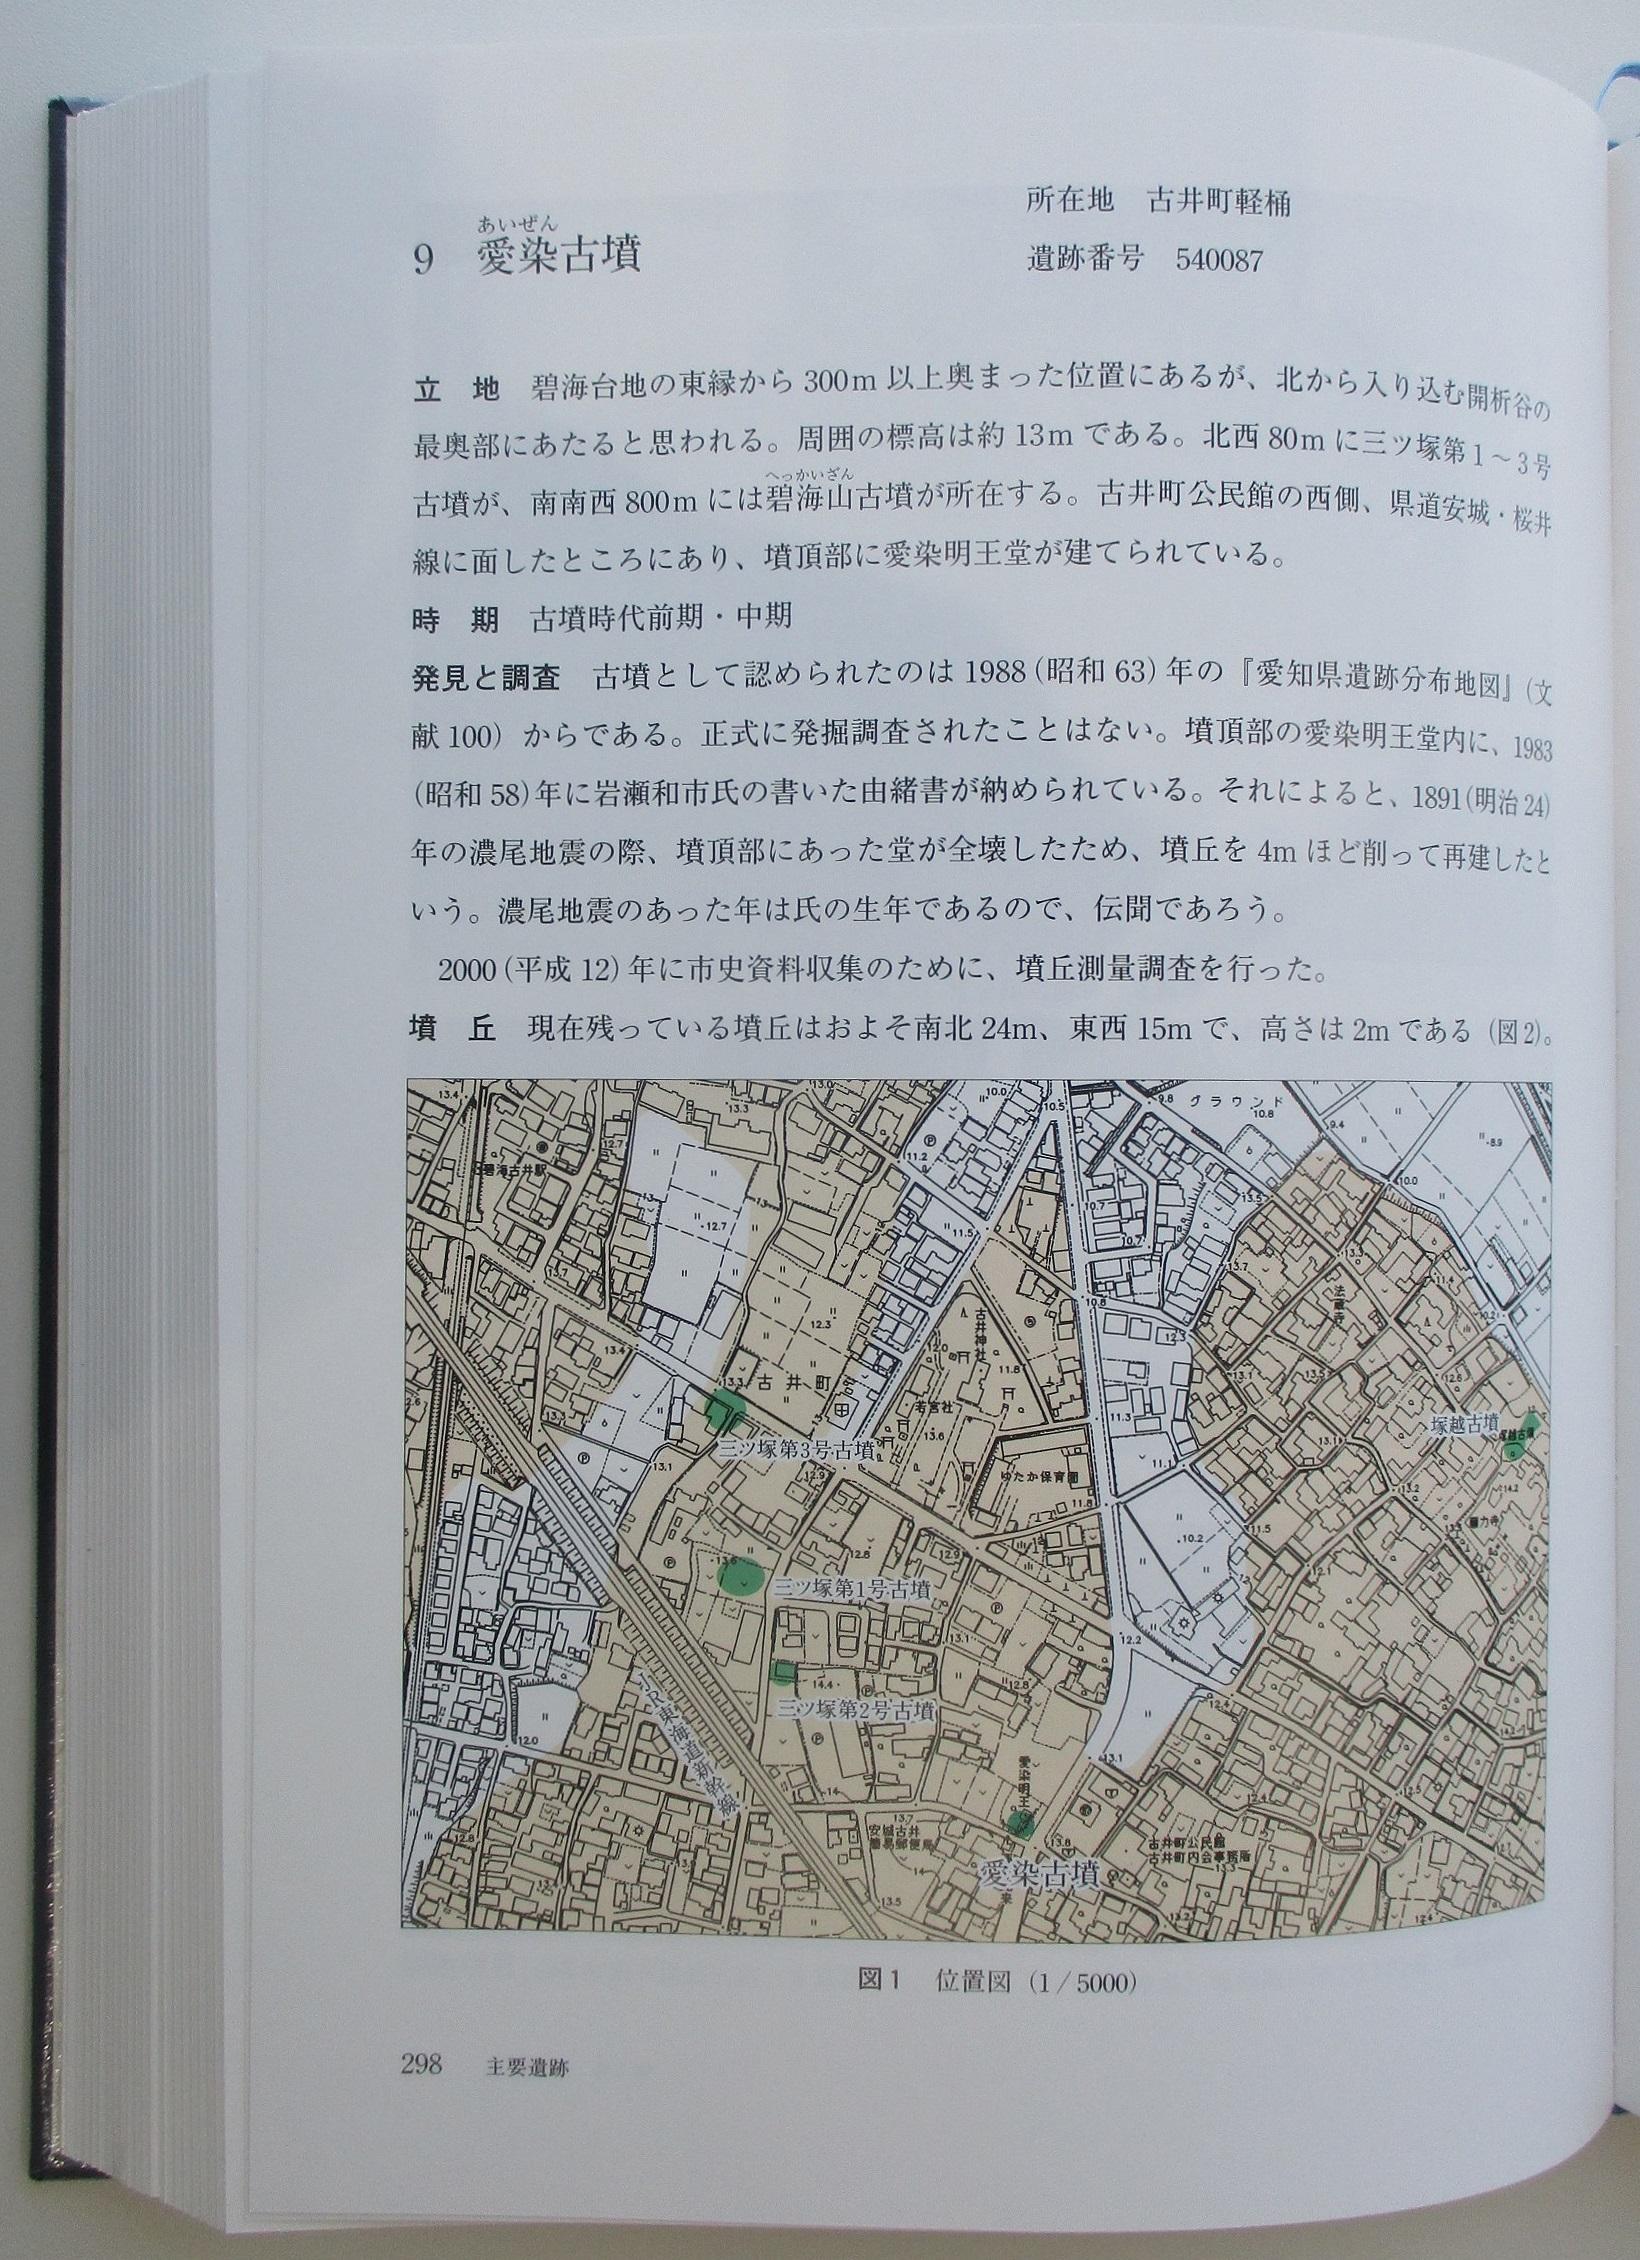 2020.6.29 (9) 新編あんじょう市史 - 愛染古墳(298ページ) 1640-2260